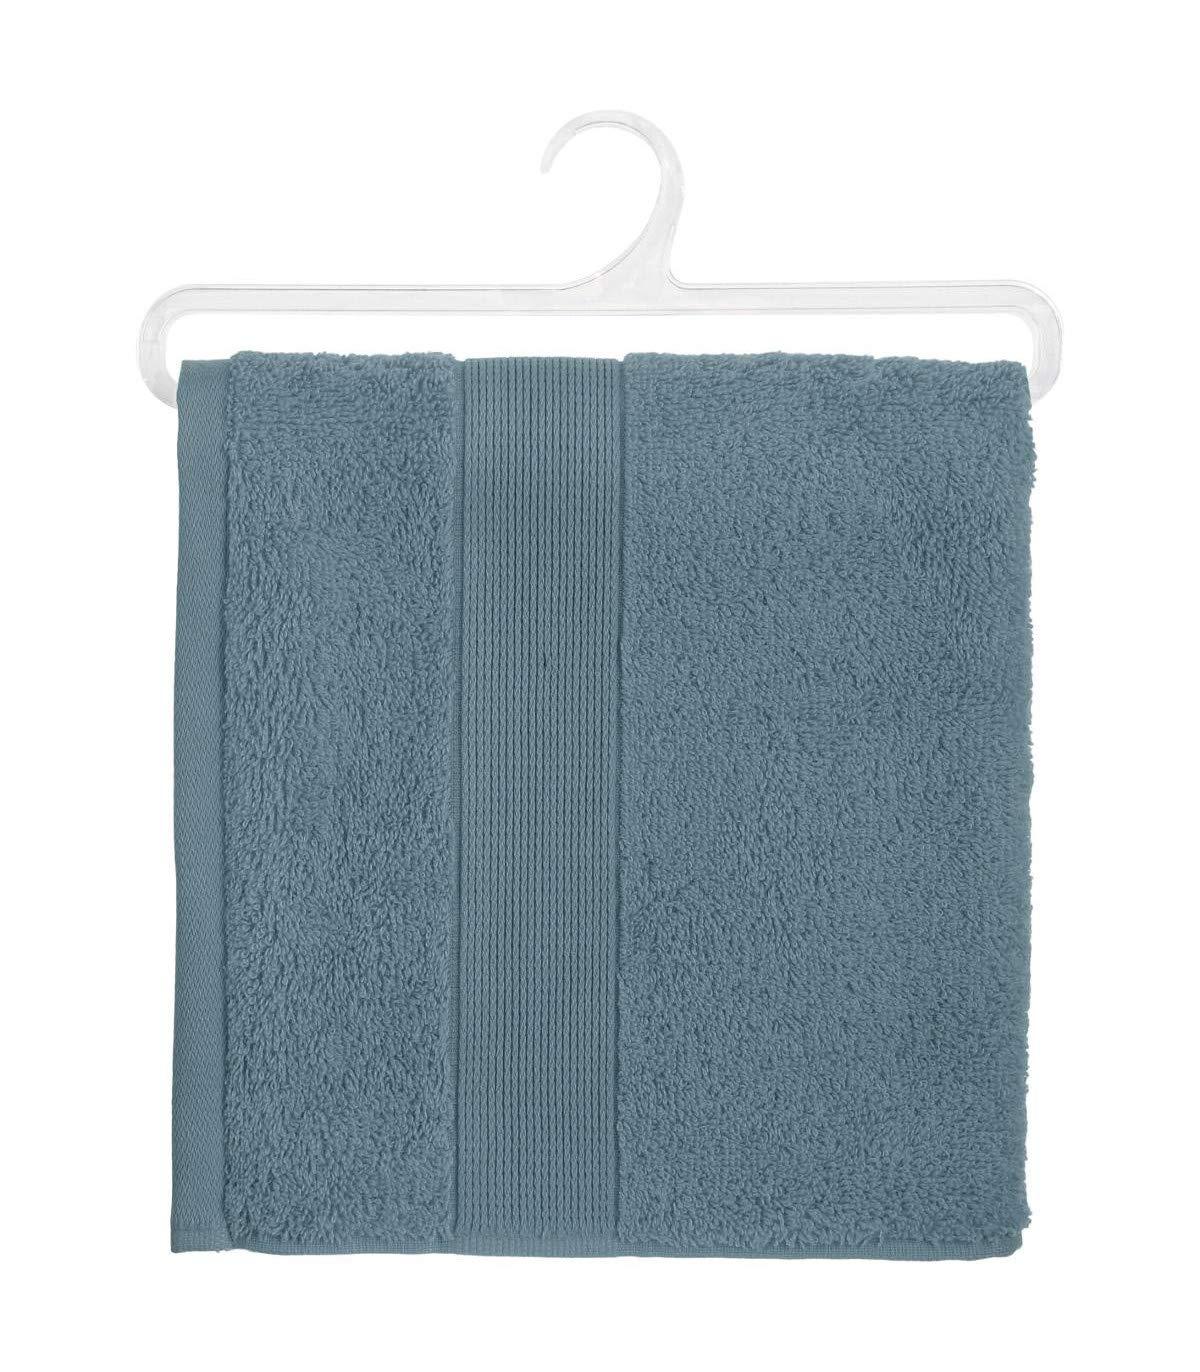 Atmosphera Serviette Bleu Orage 50 x 90 cm